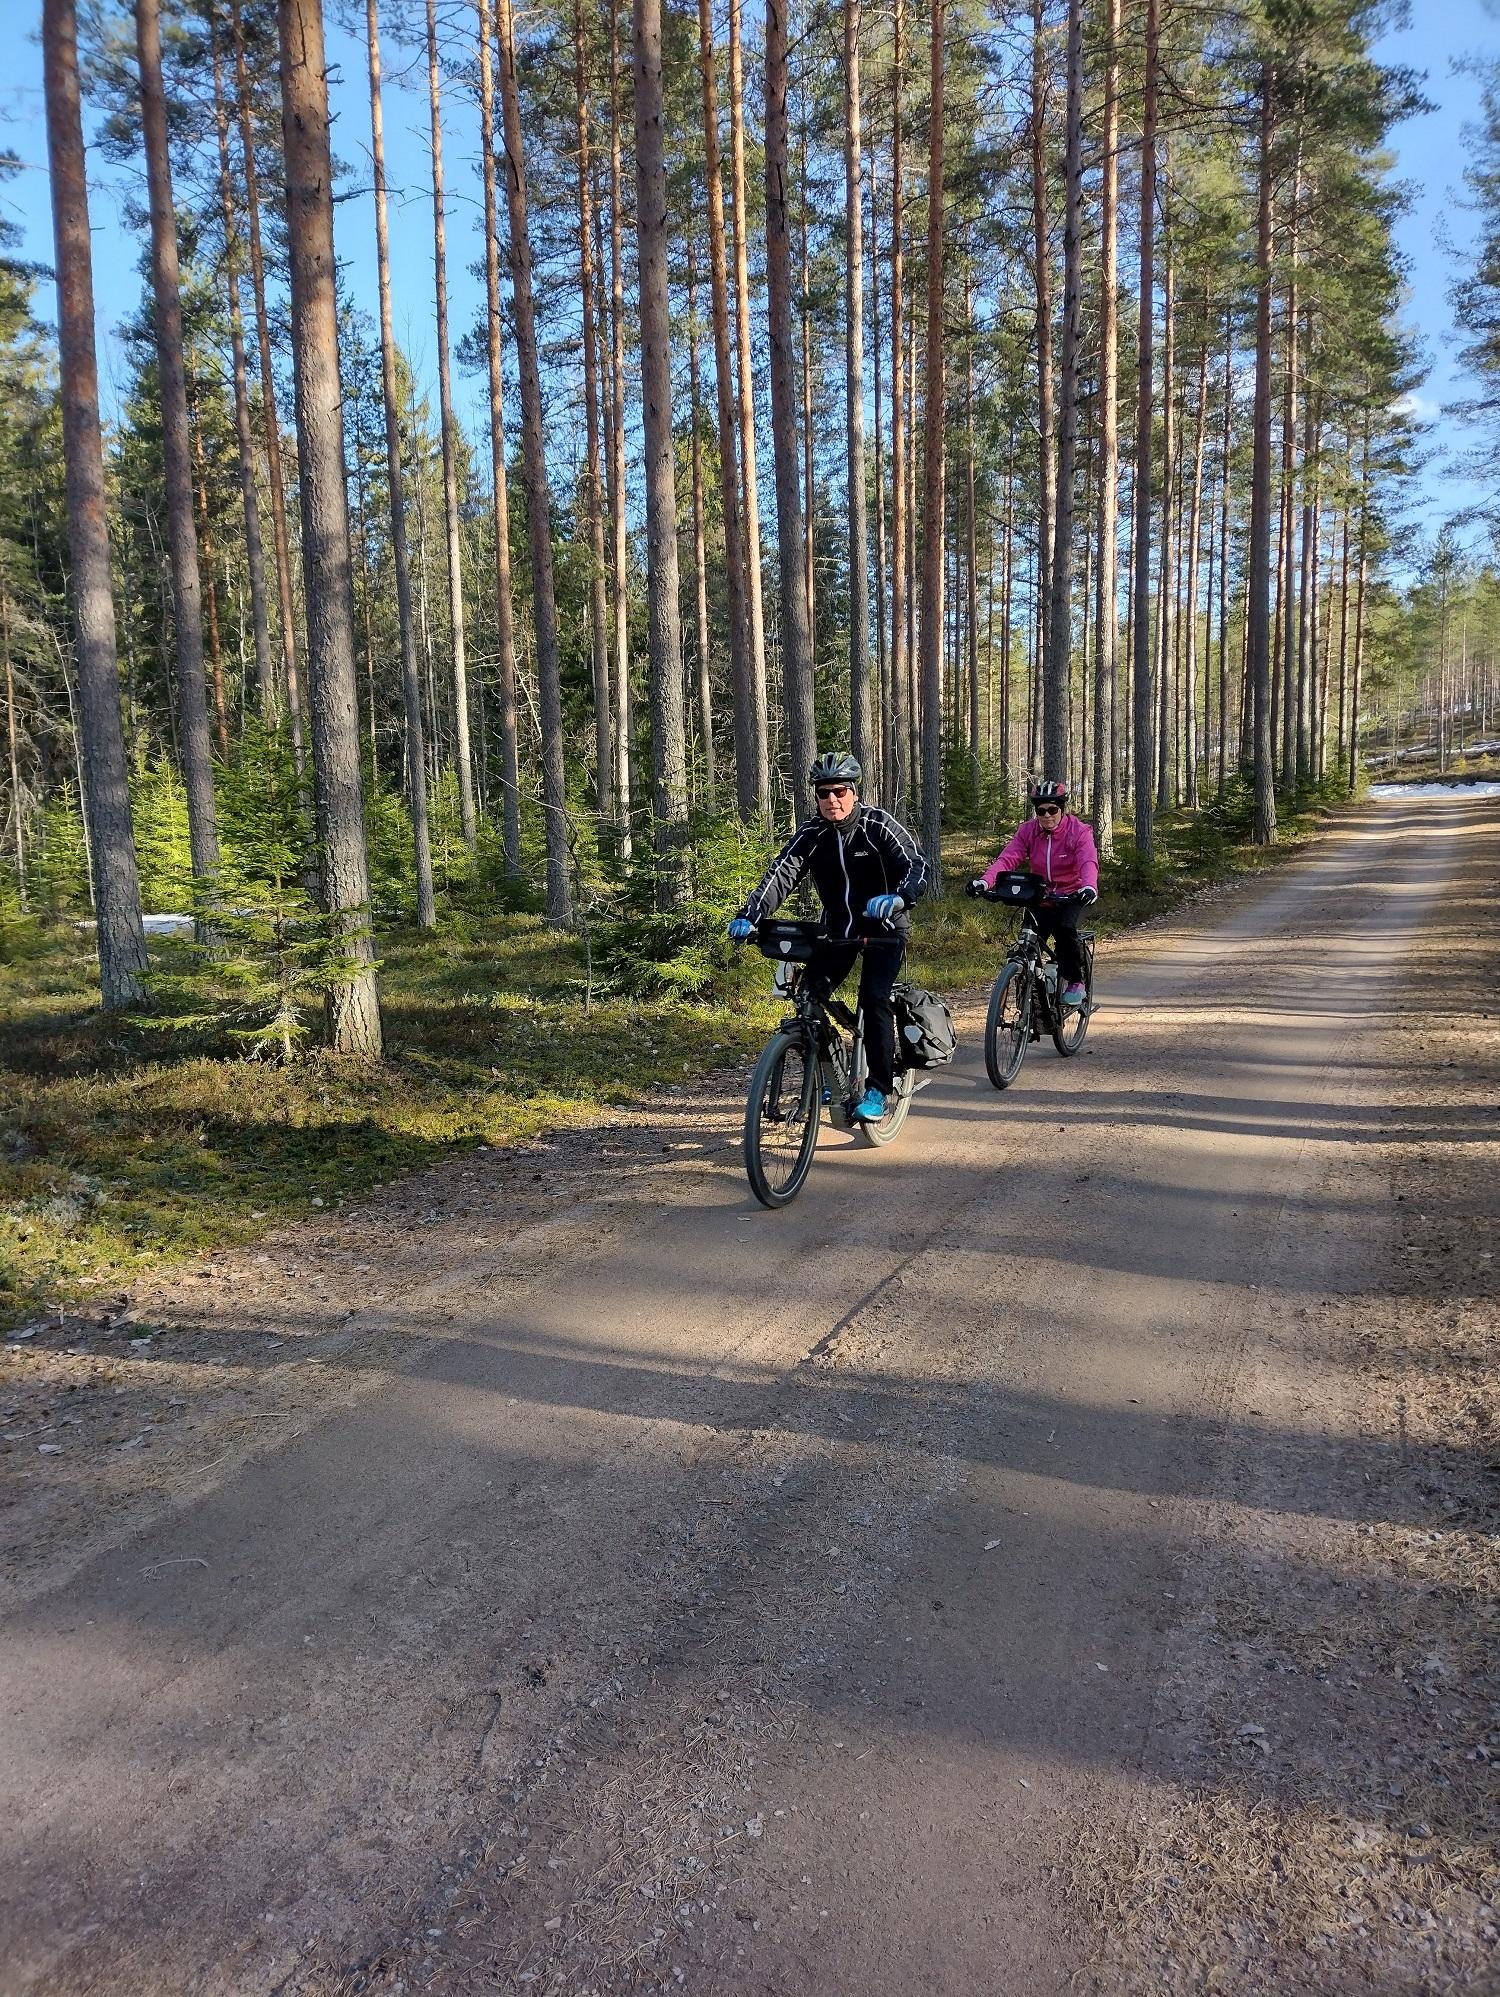 Kaksi pyöräilijää harjumaisemissa